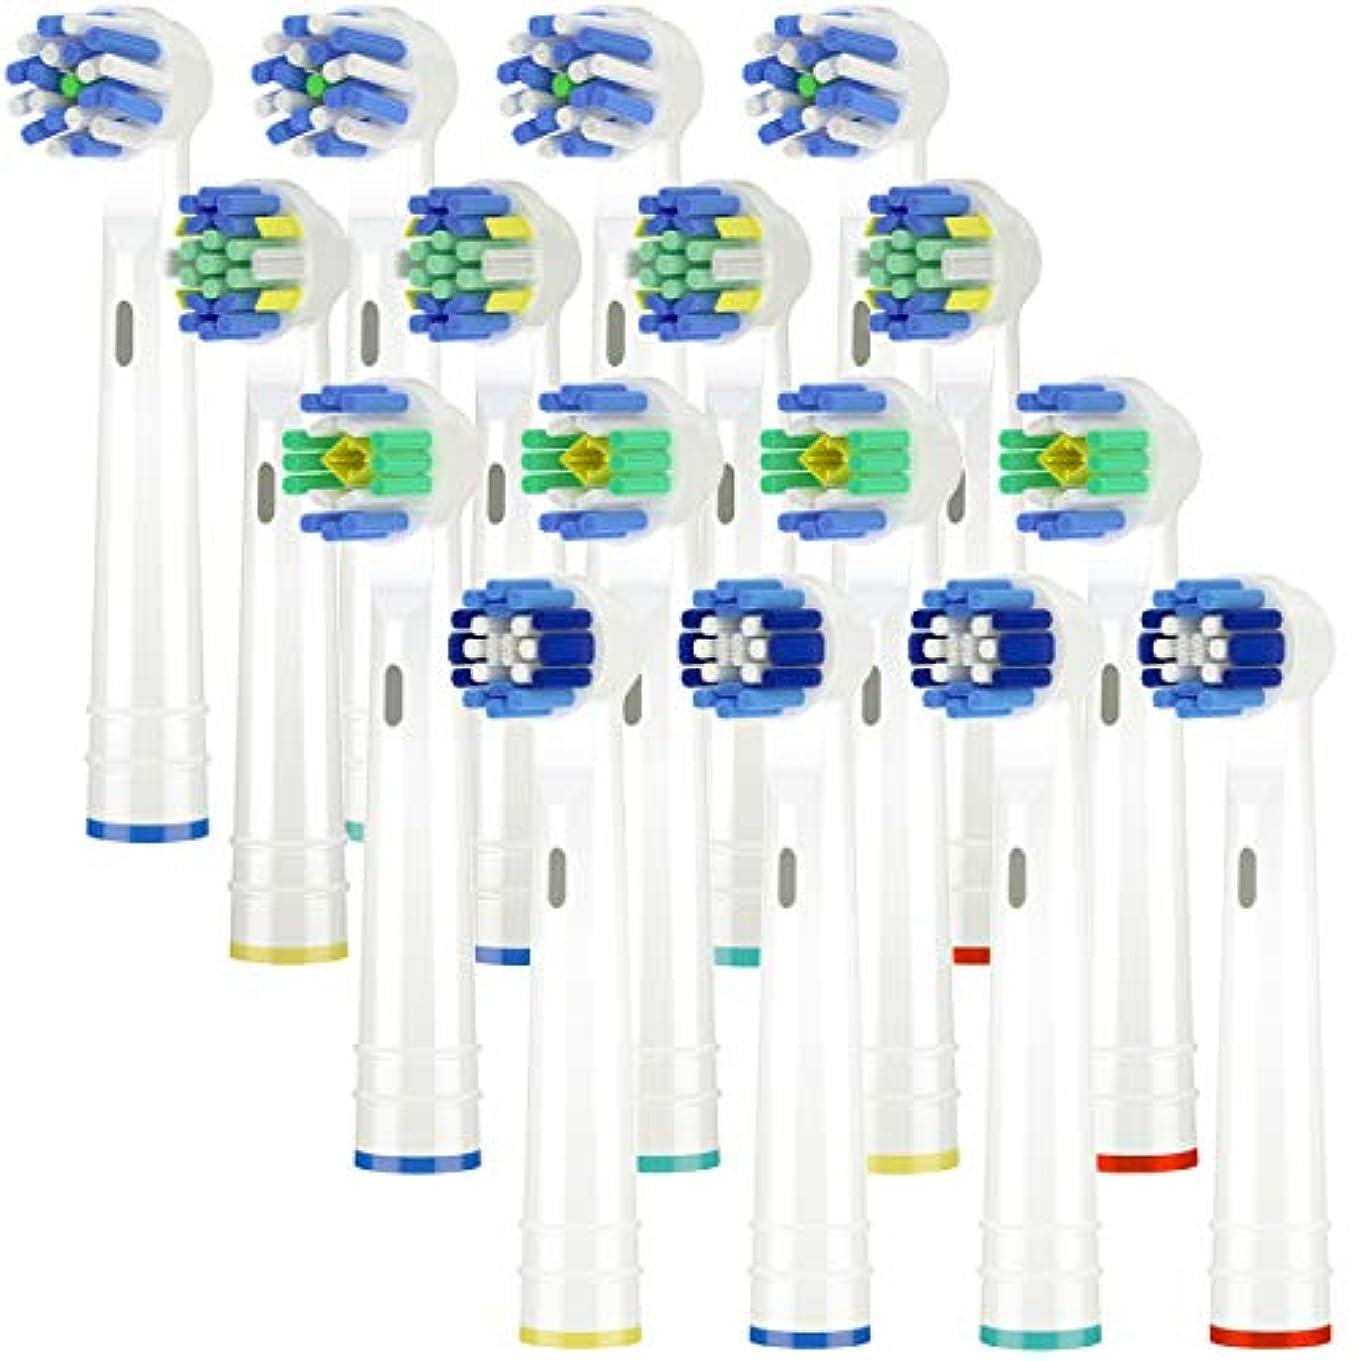 確かめる上陸ロッドItechnik 電動歯ブラシ 替えブラシ ブラウン オーラルB 対応 替えブラシ 4種類が入り:ホワイトニングブラシ 、ベーシックブラシ、歯間ワイパー付きブラシ、マルチアクションブラシ 凡用な16本